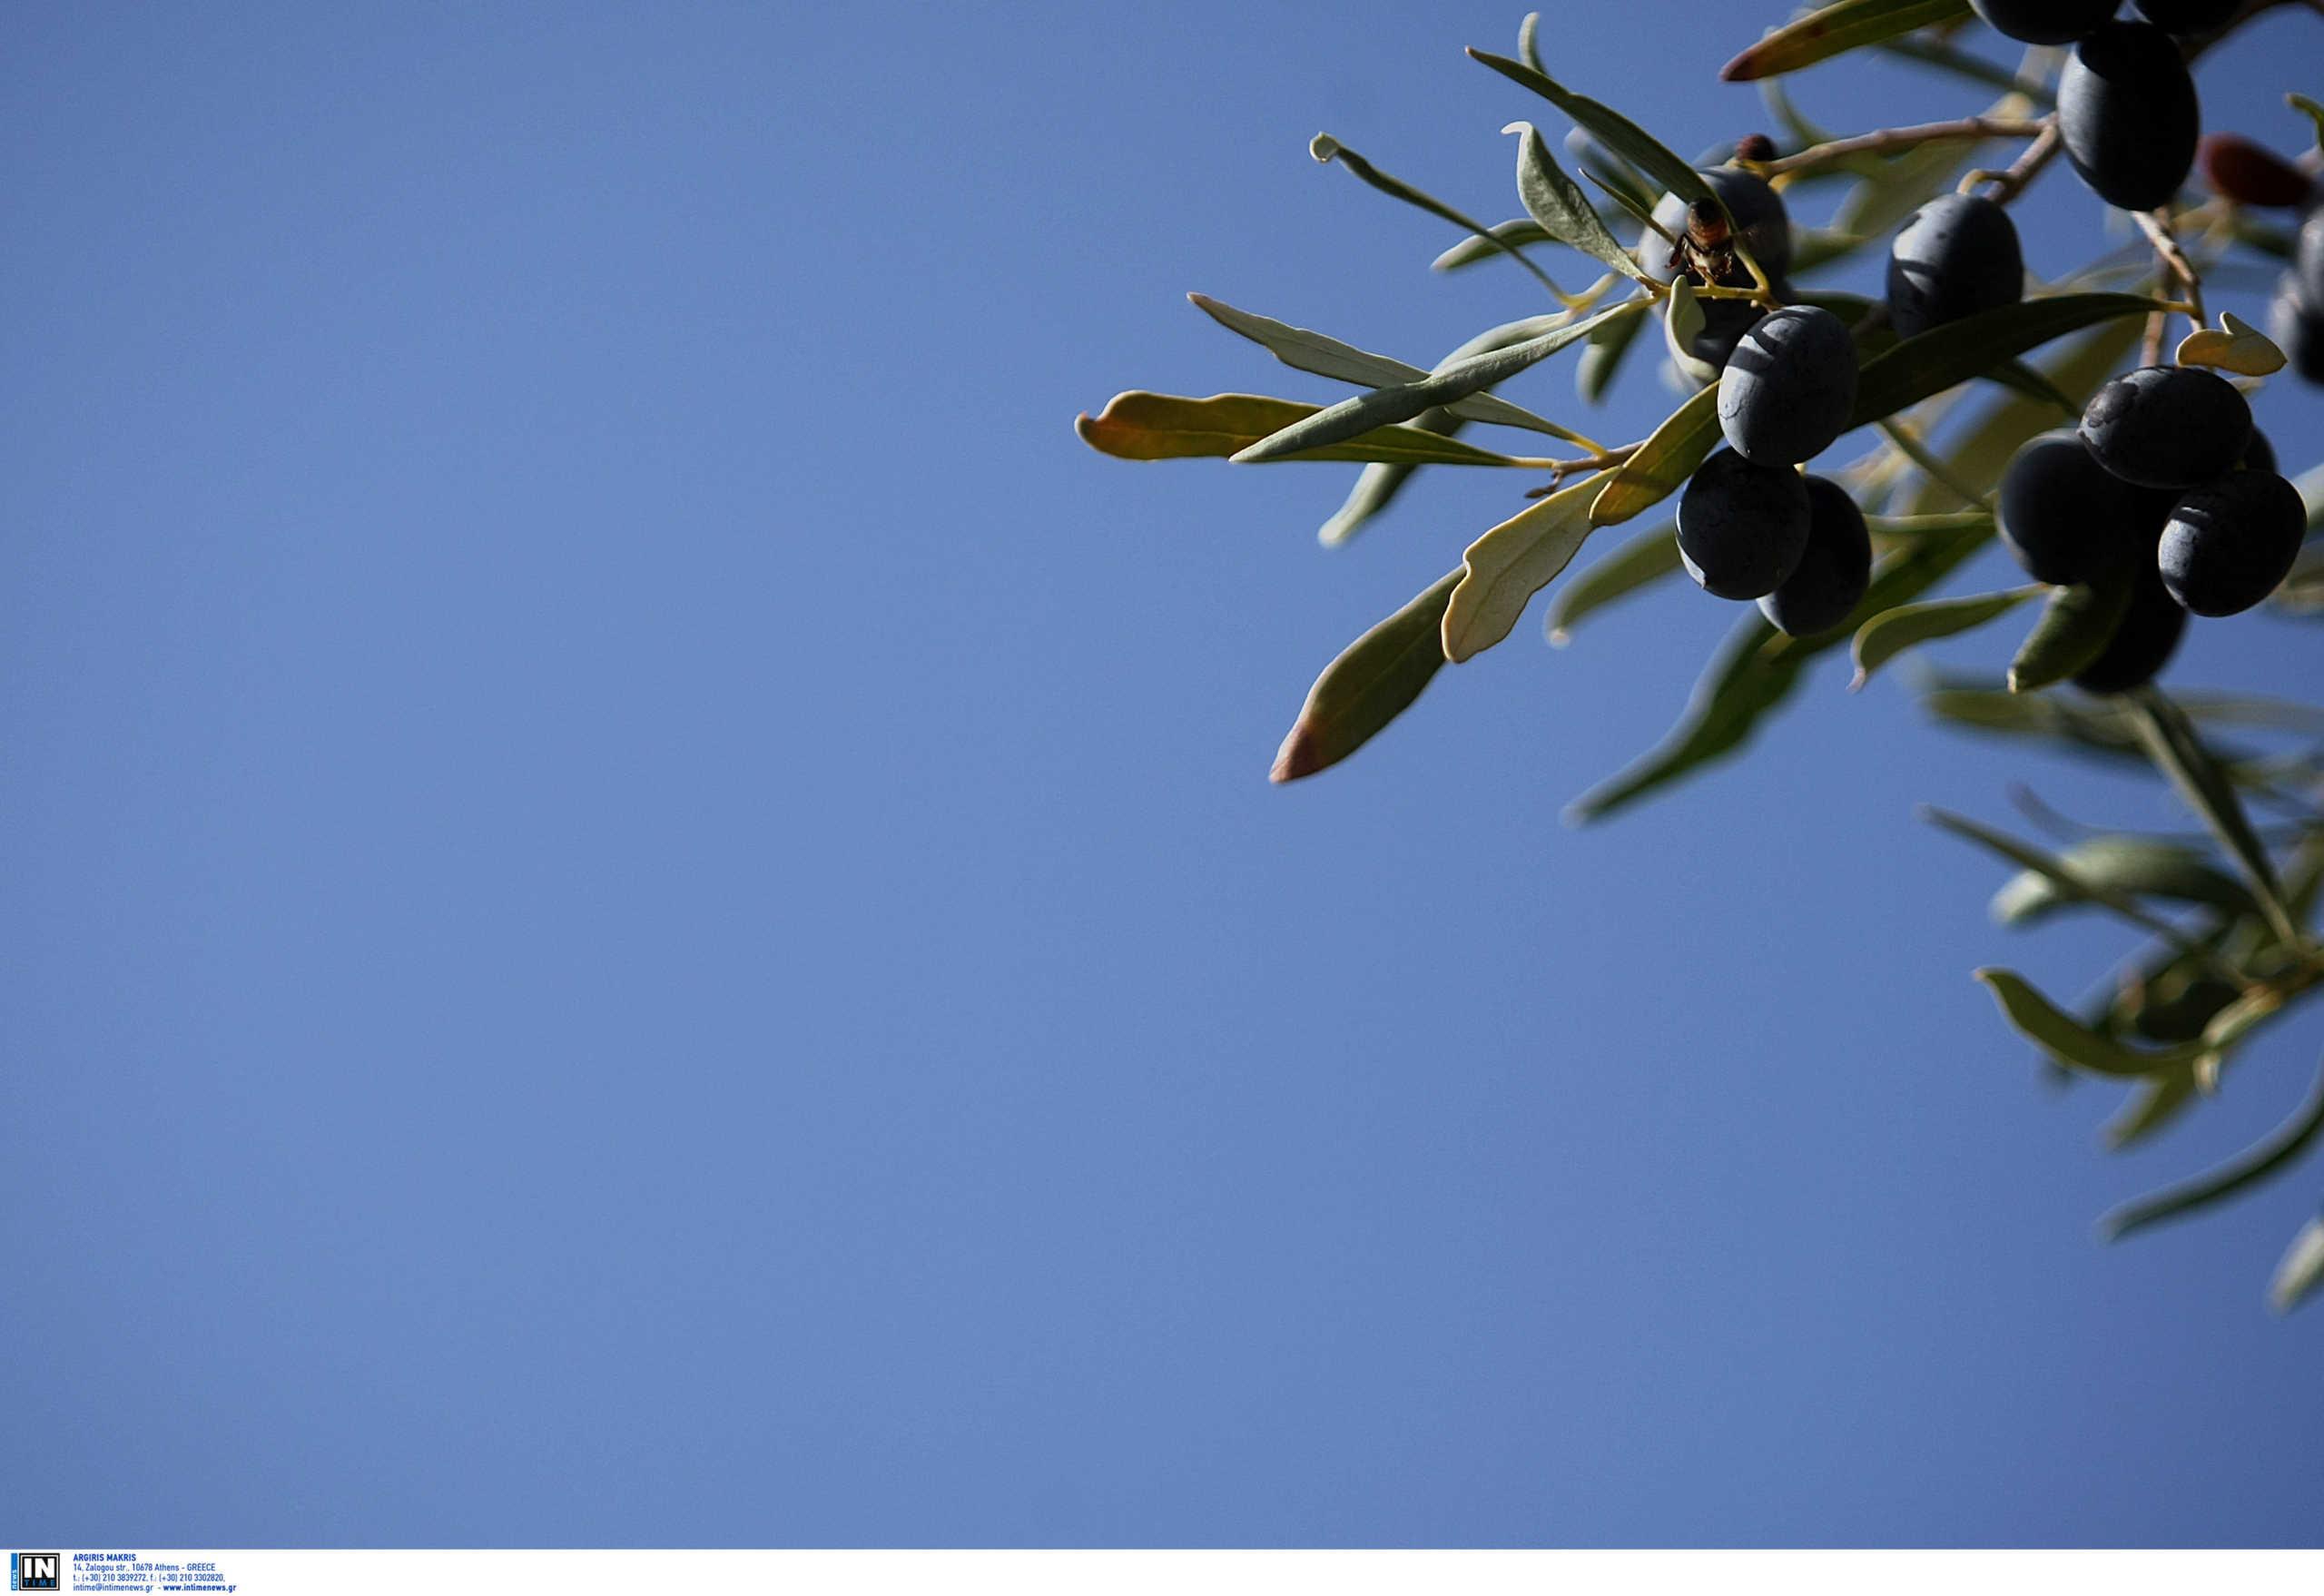 Κρήτη: Ασύλληπτη τραγωδία στο Ρέθυμνο από κλαδί ελιάς – Πέθανε 33χρονος από τη μια στιγμή στην άλλη